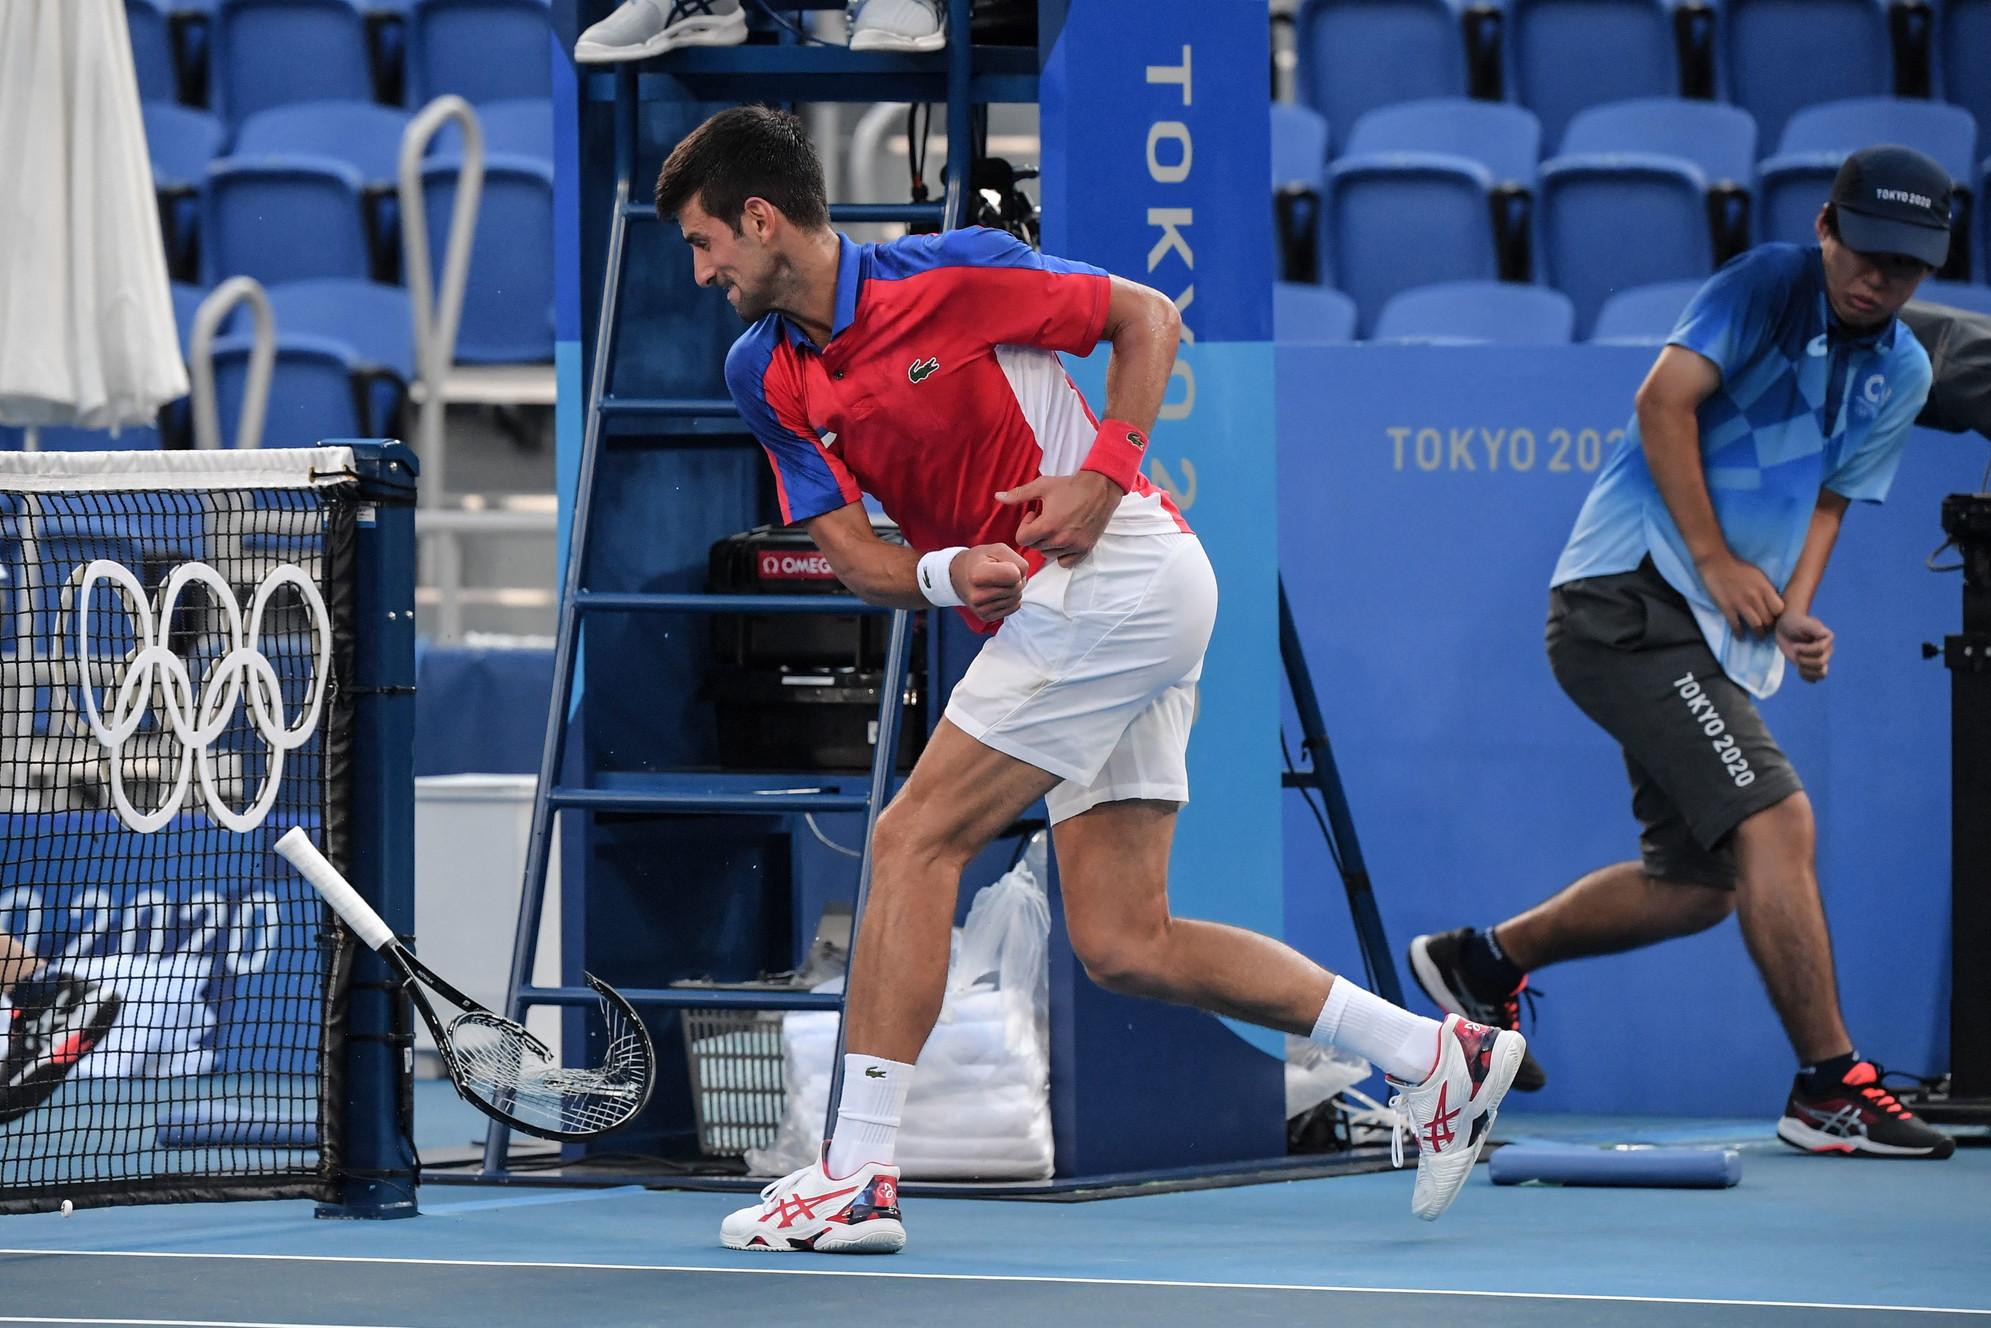 Olimpiadi maledette per Novak Djokovic. Il numero 1 al mondo &egrave; stato battuto da Pablo Carreno-Busta nella finale per il bronzo (6-4, 6-7, 6-3) sfogandosi contro la sua racchetta alla fine del match e poi e si &egrave; ritirato anche dal doppio misto in coppia con Nina Stojanovic nell&#39;altra finale per il bronzo. Djokovic ha alzato bandiera bianca lasciando la medaglia alla coppia australiana formata dalla numero 1 e campionessa di Wimbledon Ashleigh Barty e John Peers. &quot;Mi dispiace di aver deluso i miei compatrioti, ma davvero negli ultimi due giorni non avevo piu&#39; energie - ha spiegato Nole -. Ero esausto, fisicamente ed emotivamente. Ho diversi problemi fisici e spero di recuperare in tempo per lo Us Open&quot;.&nbsp;<br /><br />